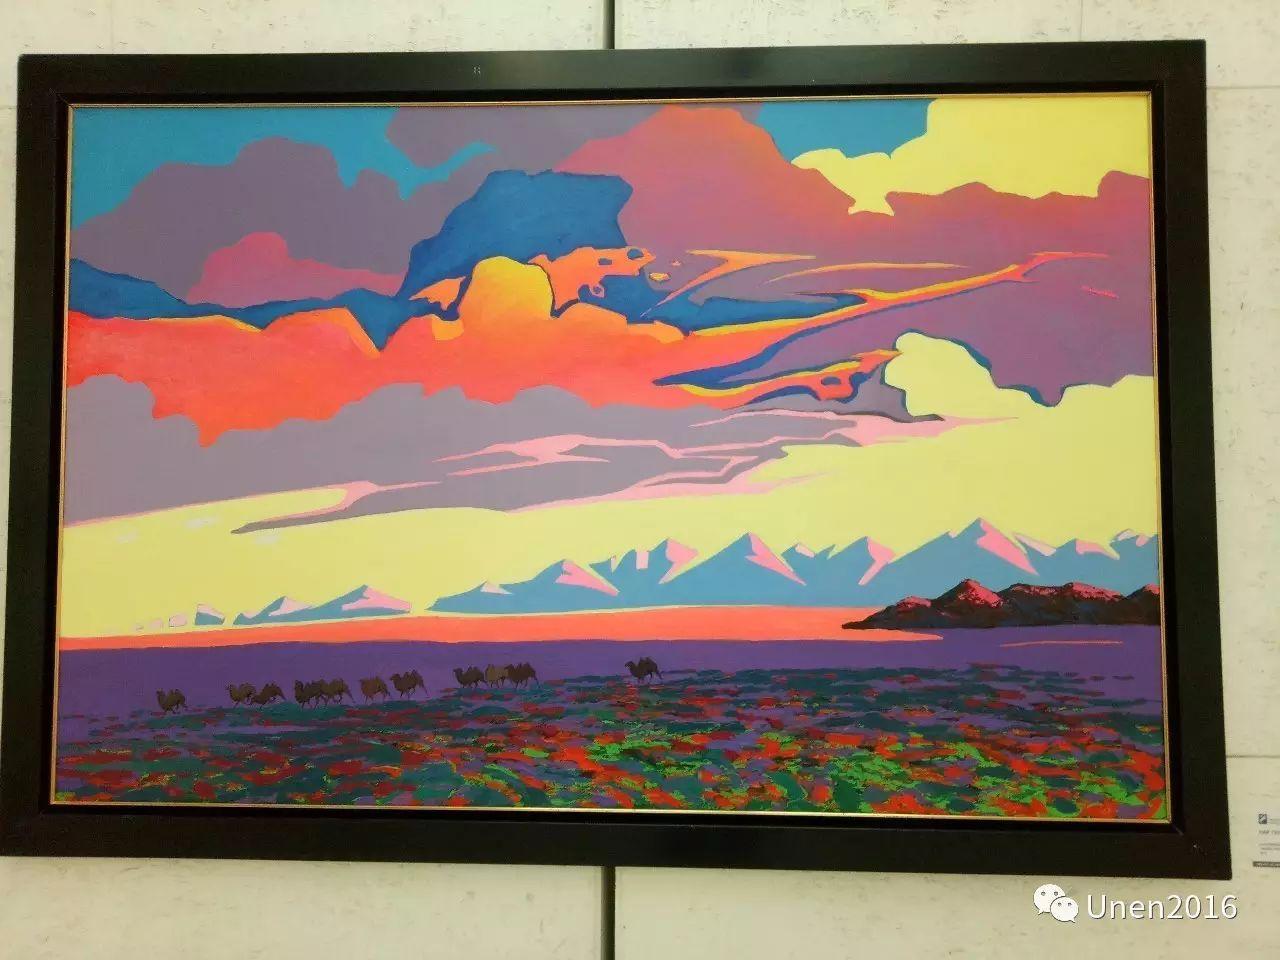 蒙古国画家傲日格勒宝勒德的油画作品 第10张